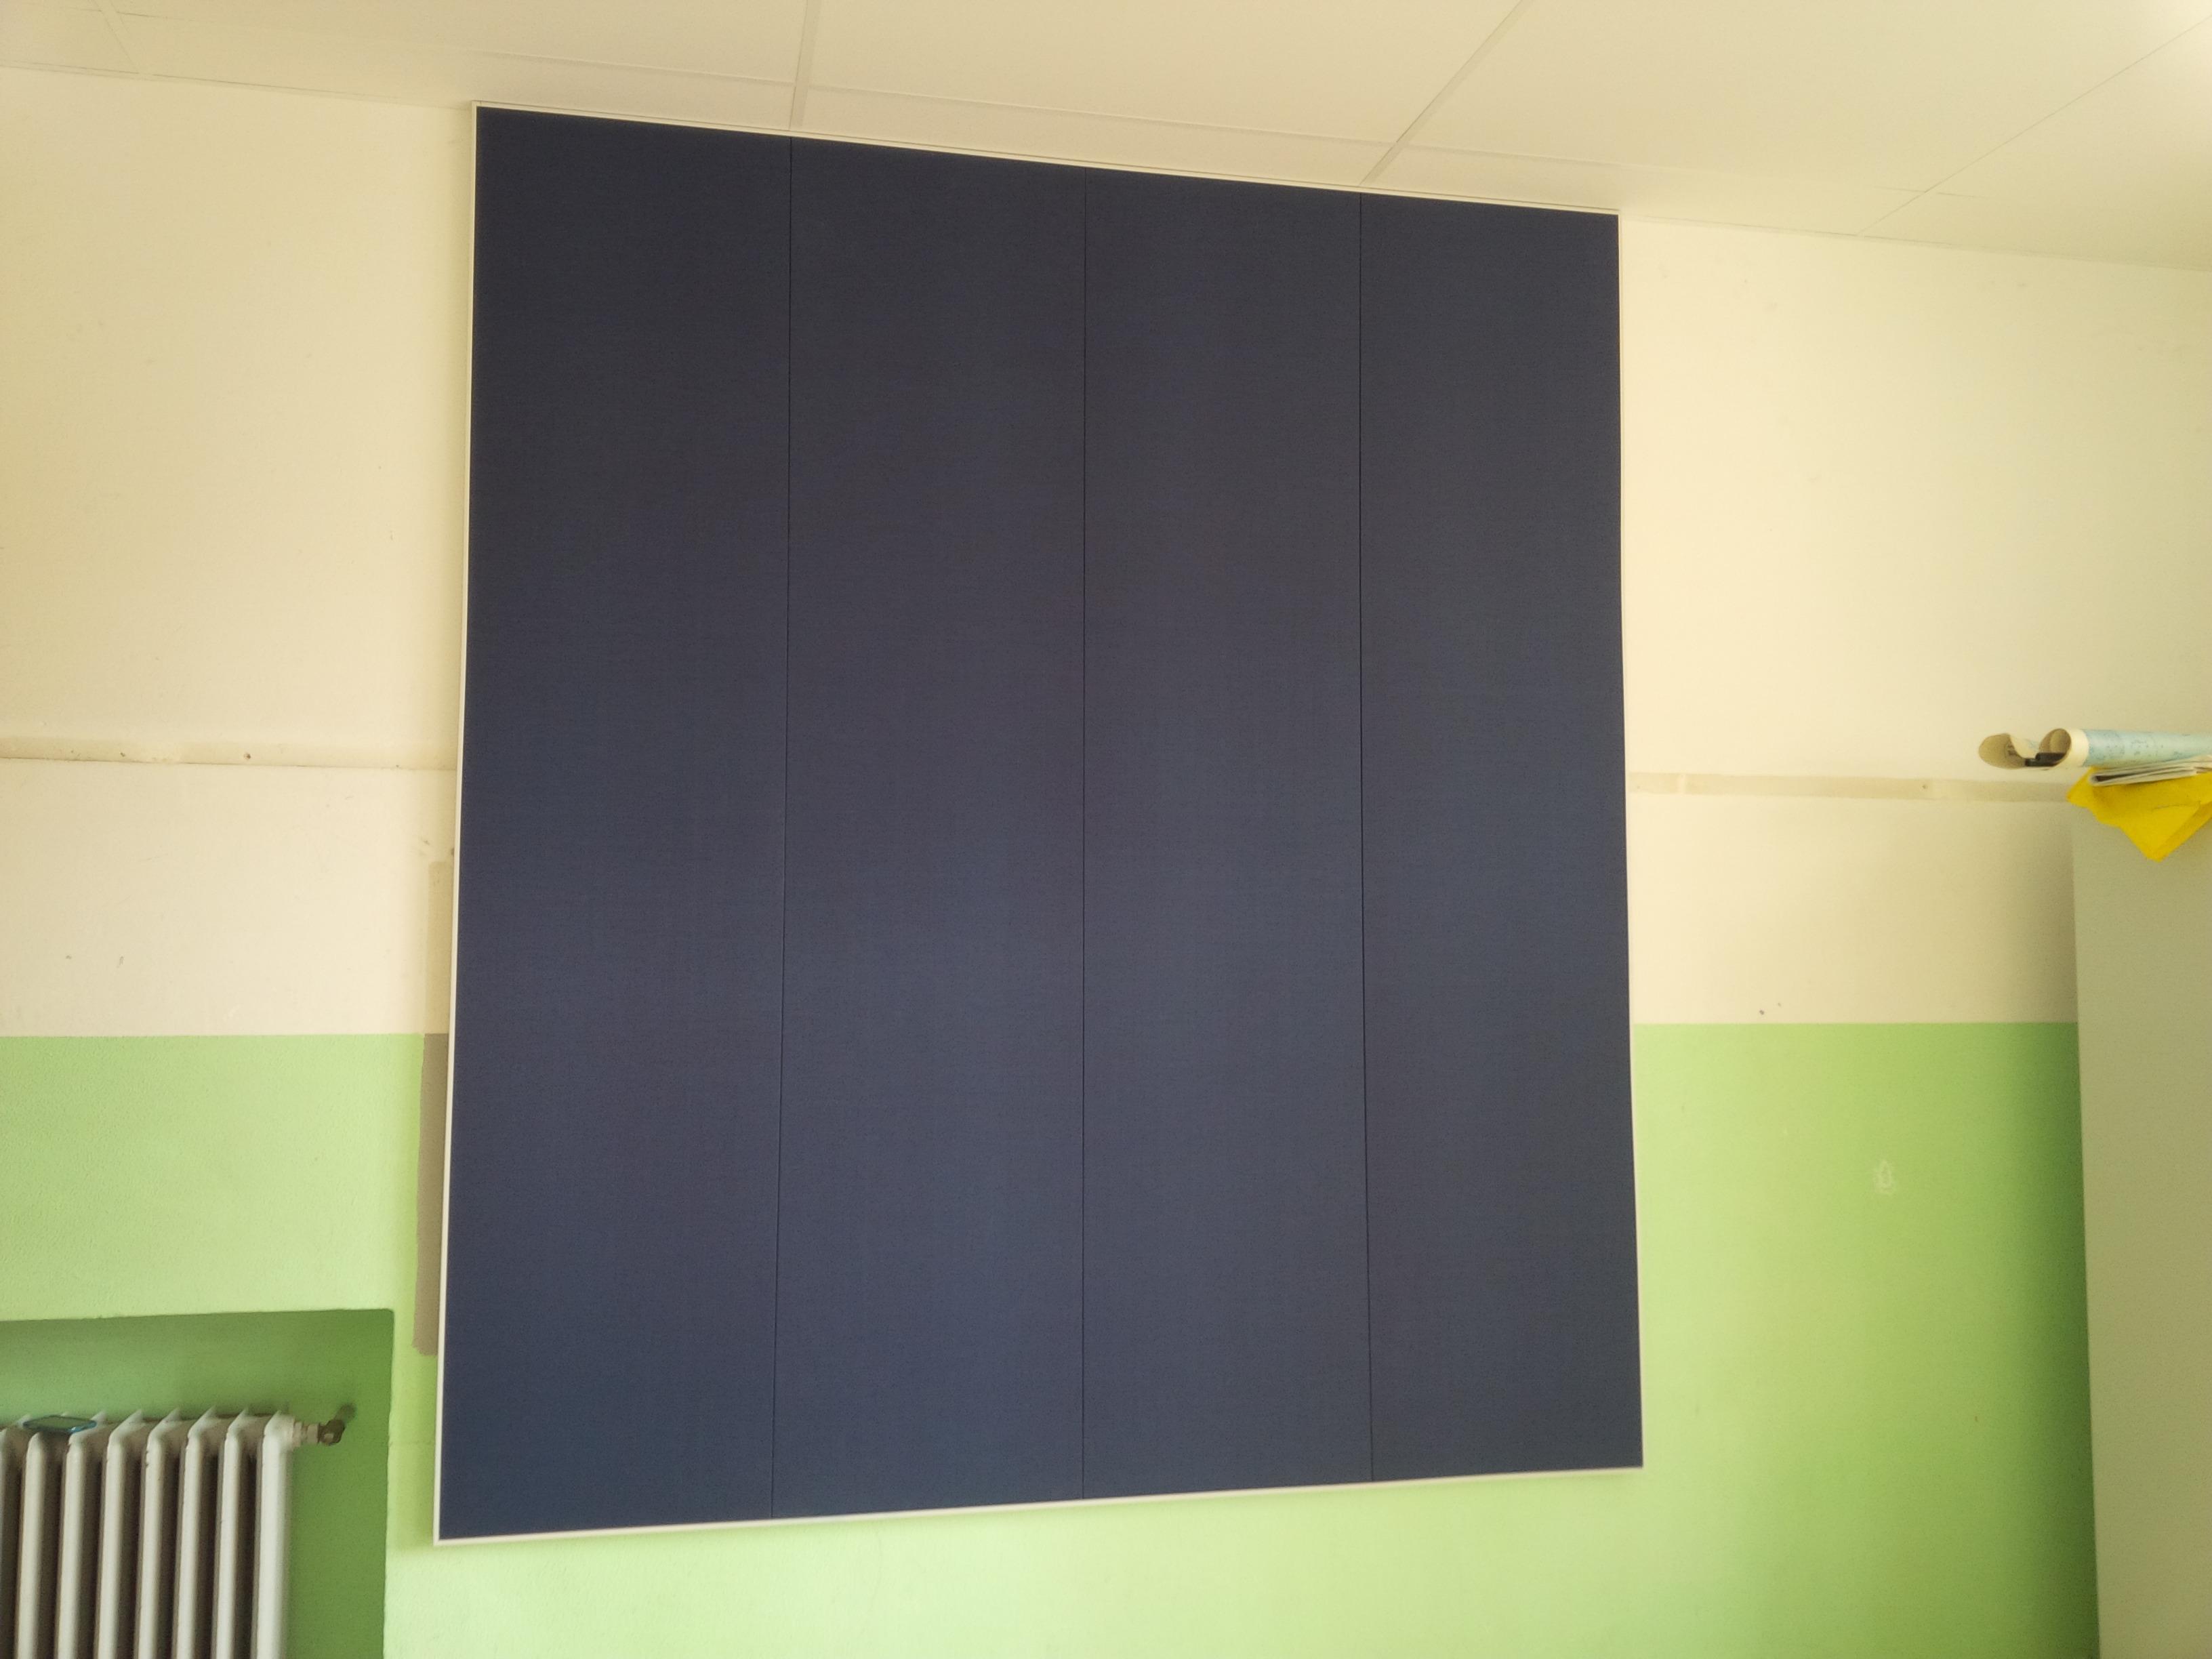 Correzione acustica parete aula musica solo montaggio